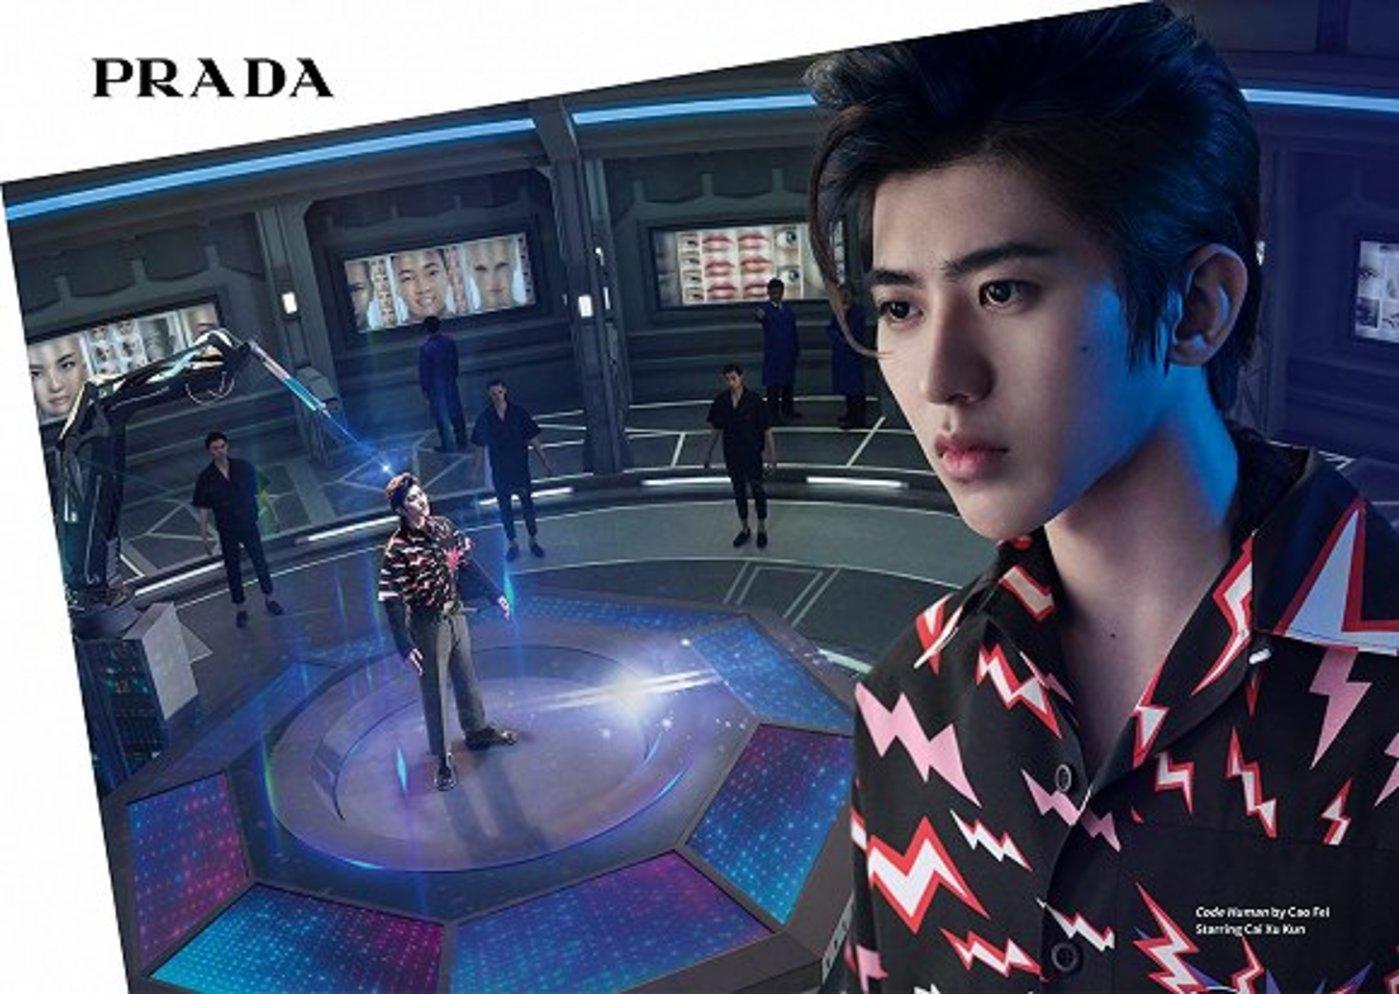 蔡徐坤成为Prada最新代言人 图片来源:Prada